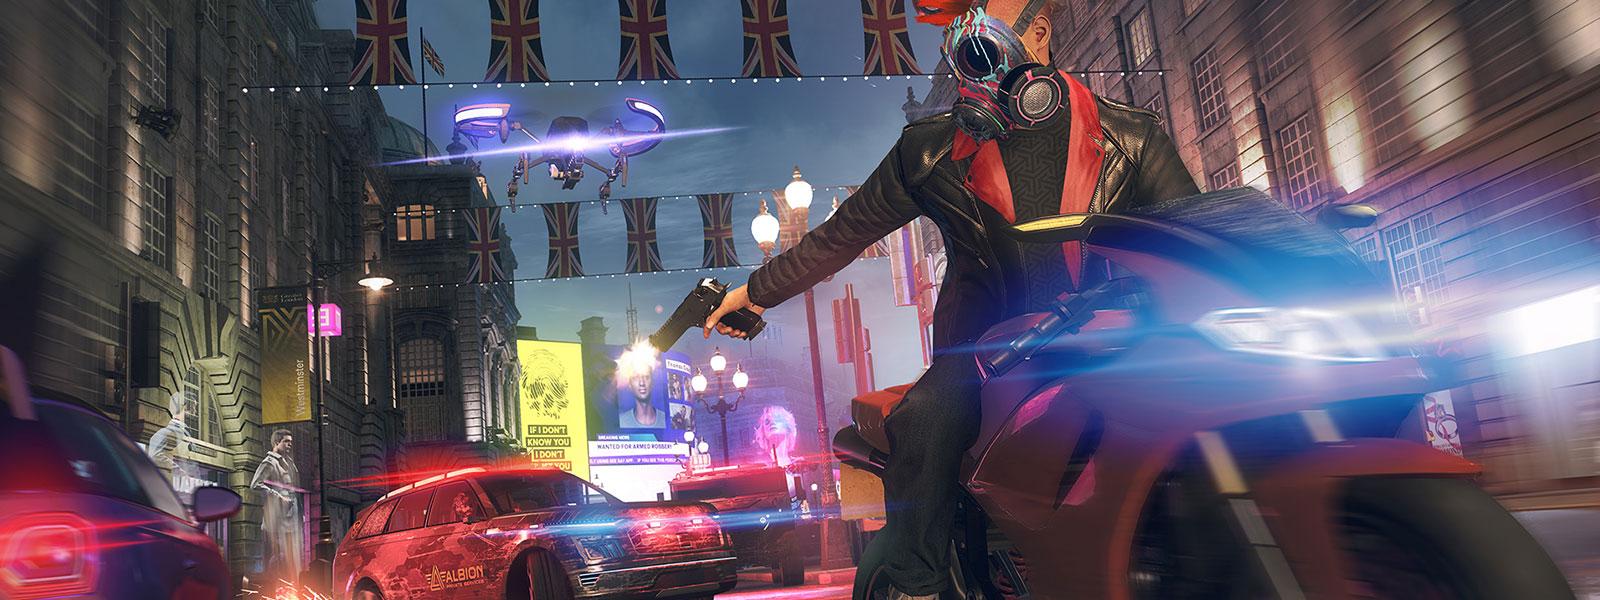 Persona en una moto con una máscara de gas pintada disparando hacia un auto de policía mientras es perseguida por un dron en una calle de Londres